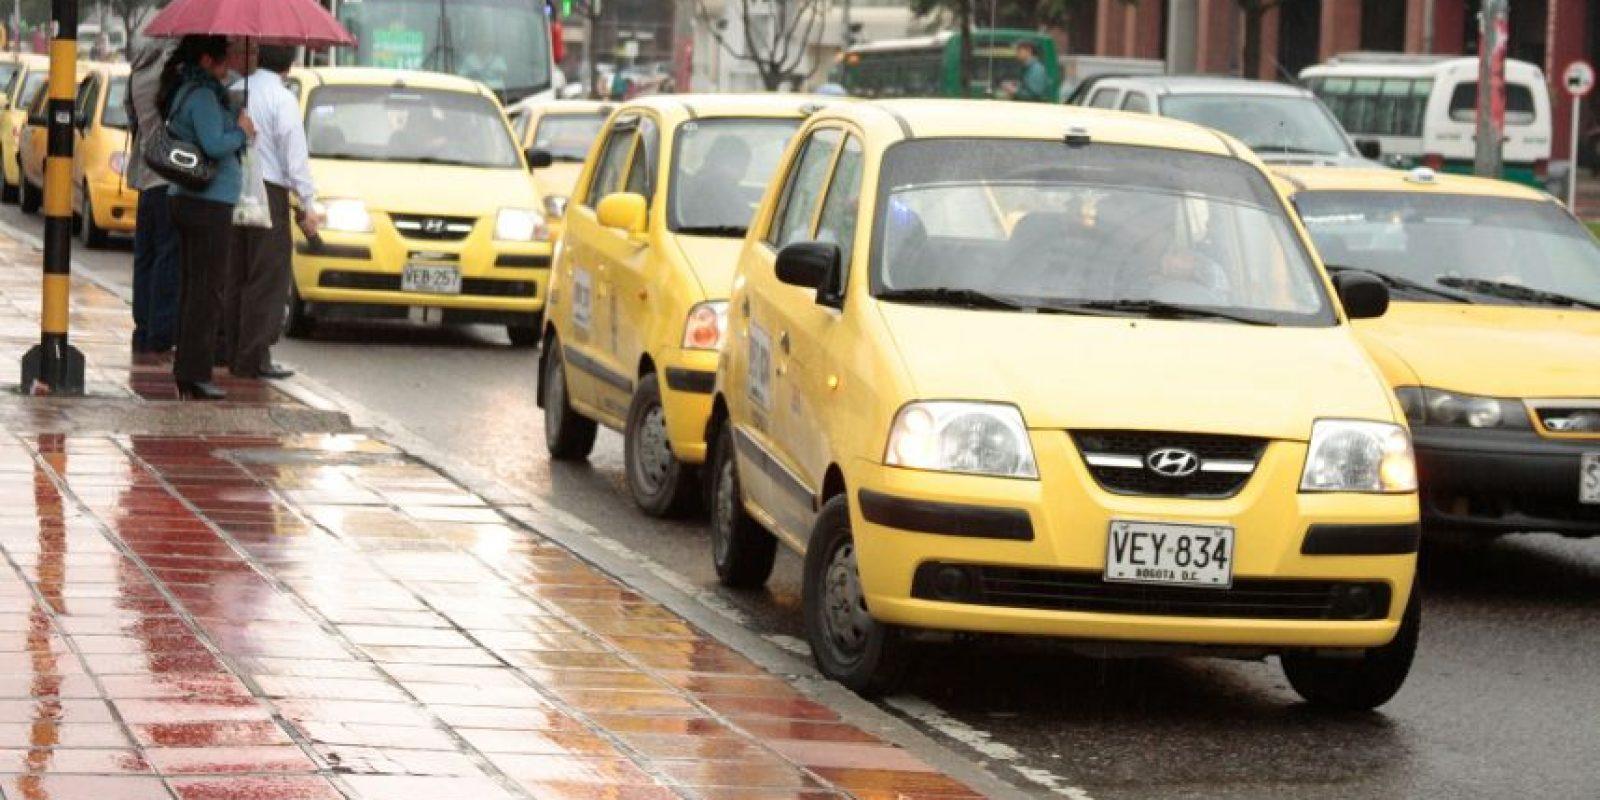 Los taxistas convocaron en redes sociales bloqueos este 21 de octubre Foto:Archivo Publimetro. Imagen Por: EFE